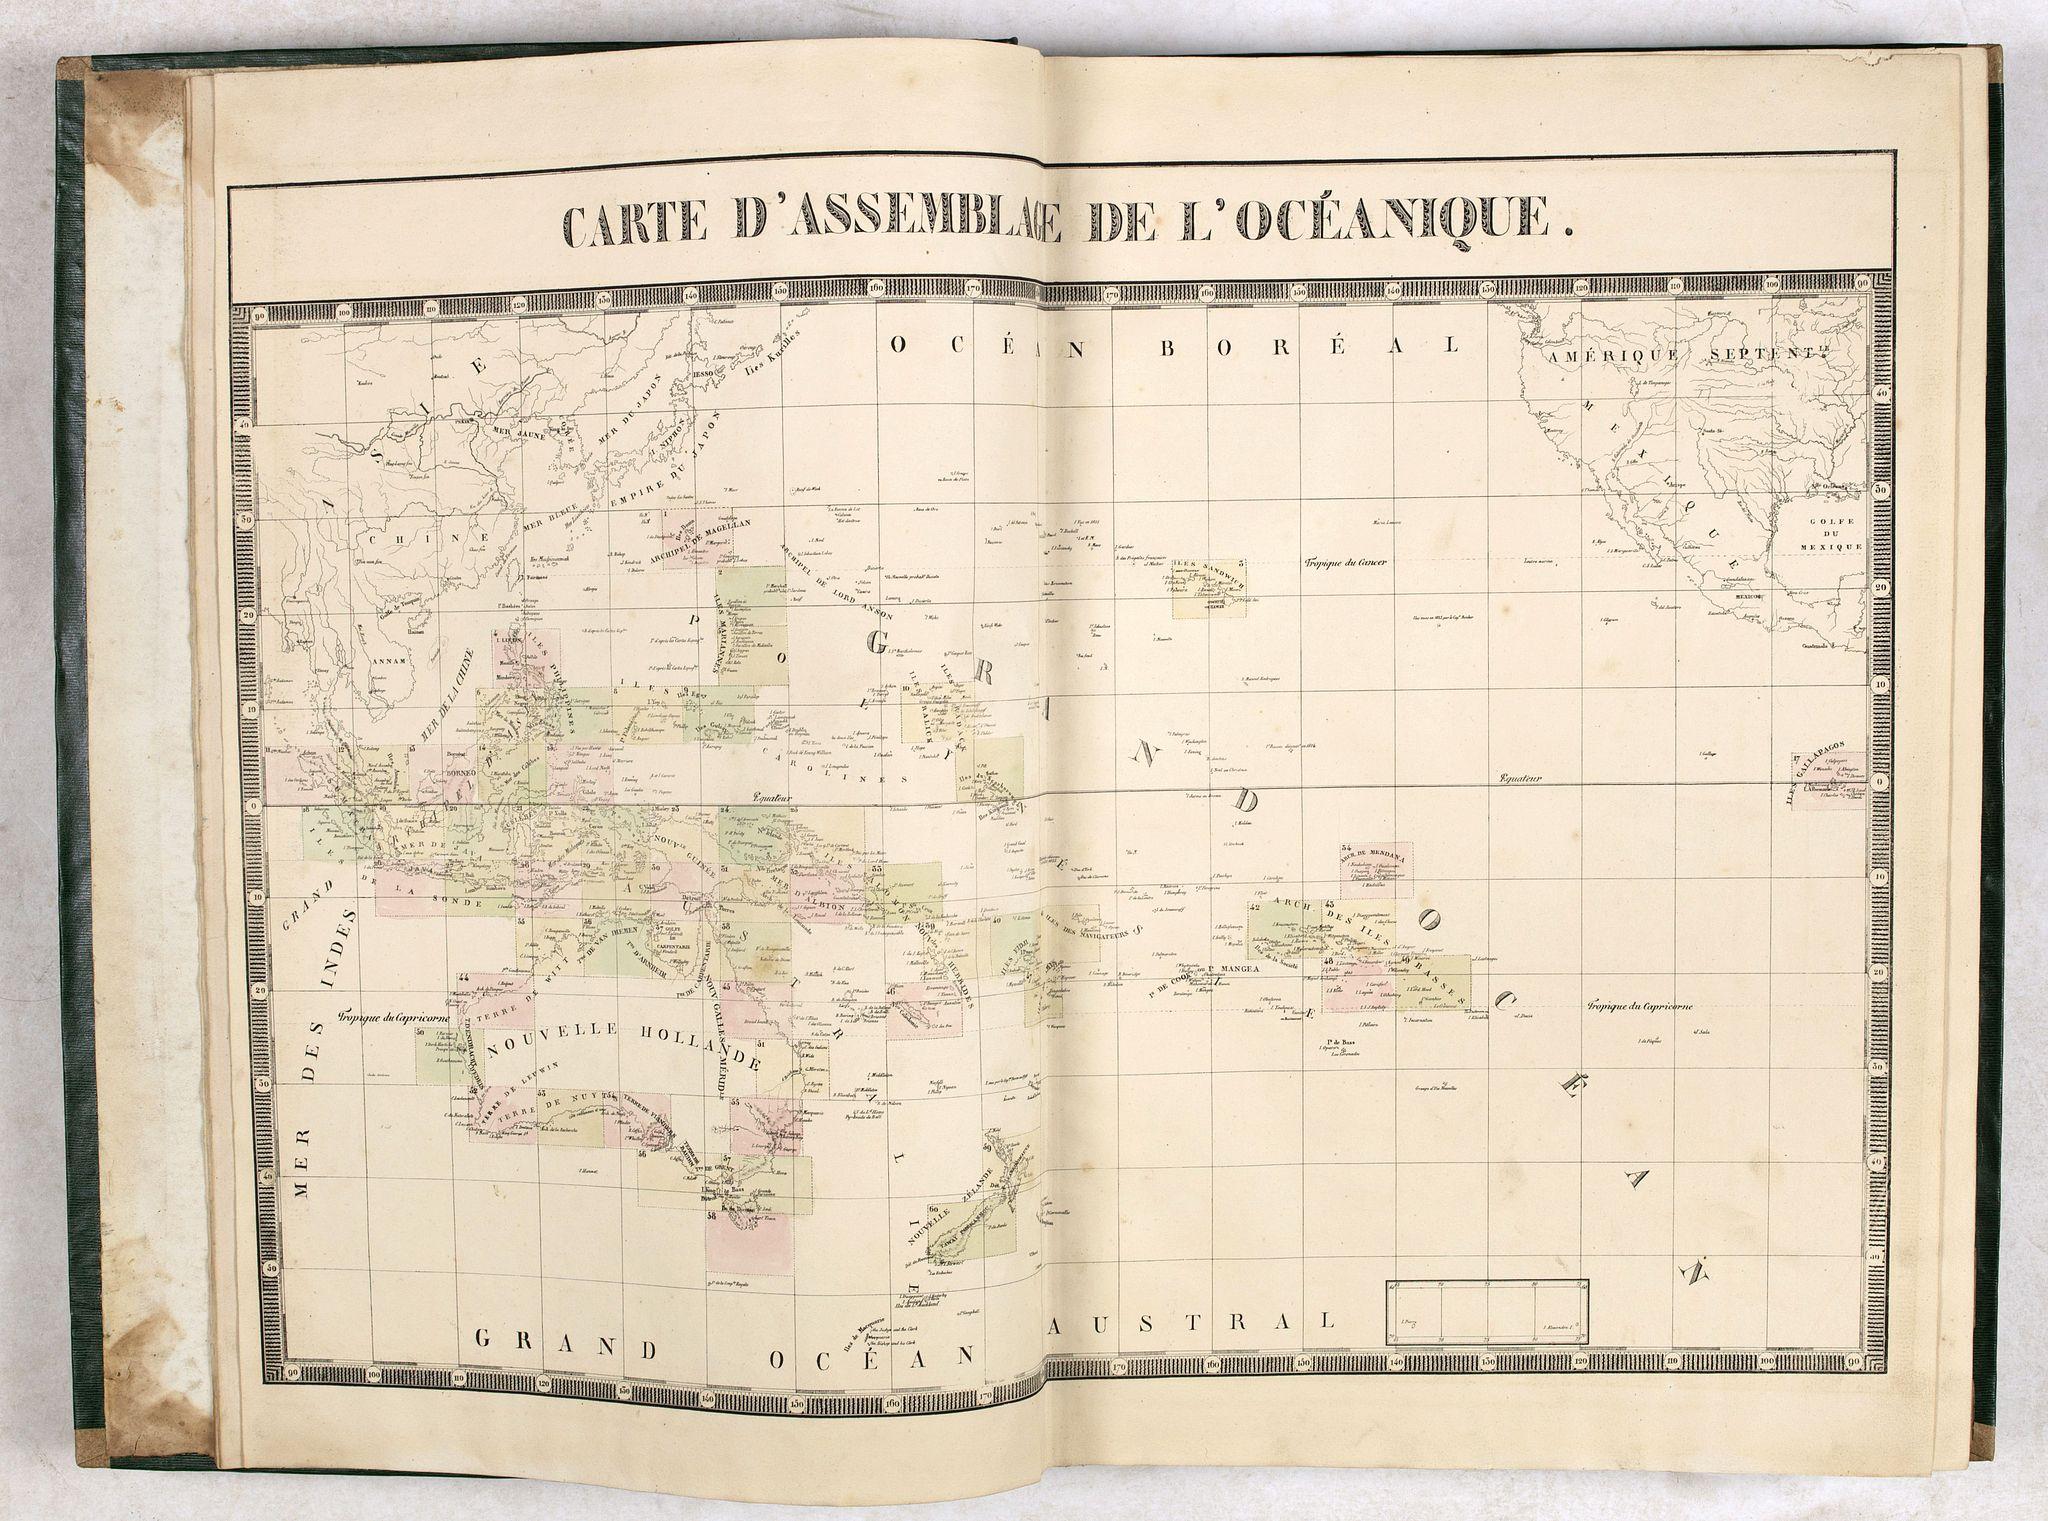 VANDERMAELEN, Ph. -  Atlas Universel de Géographie. Sixième partie - Océanique.